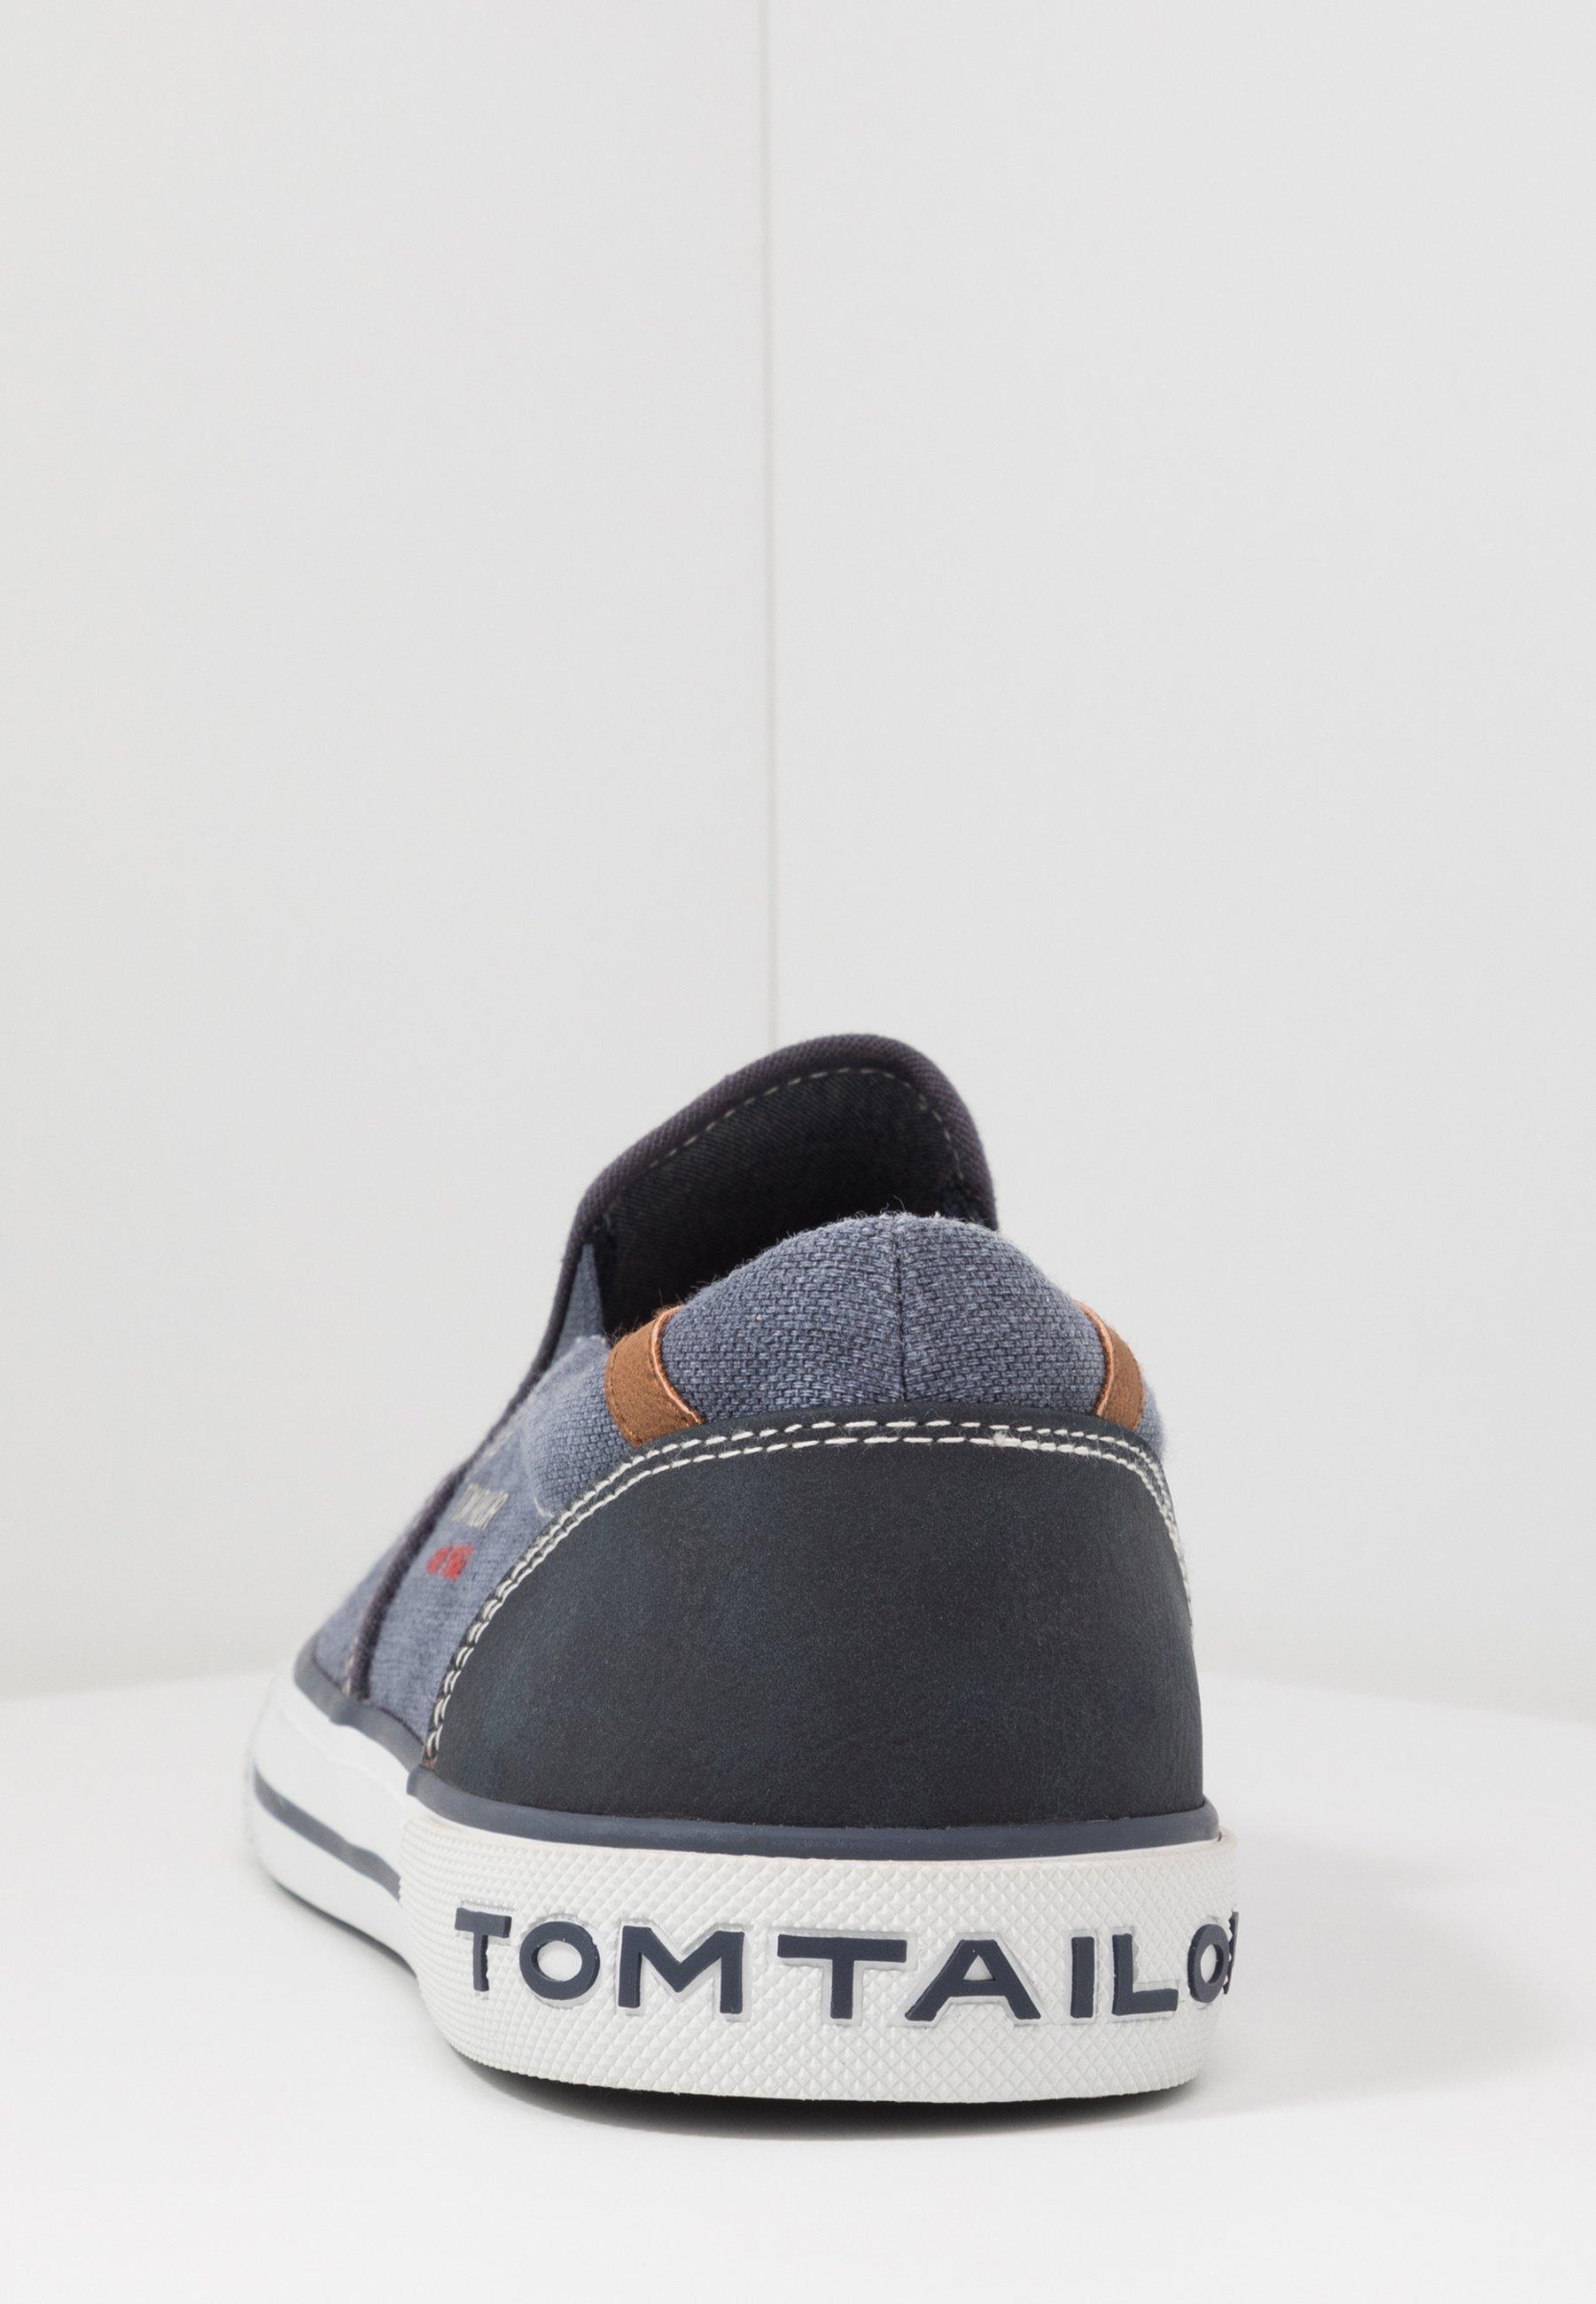 Tom Tailor Slip-ons - Navy